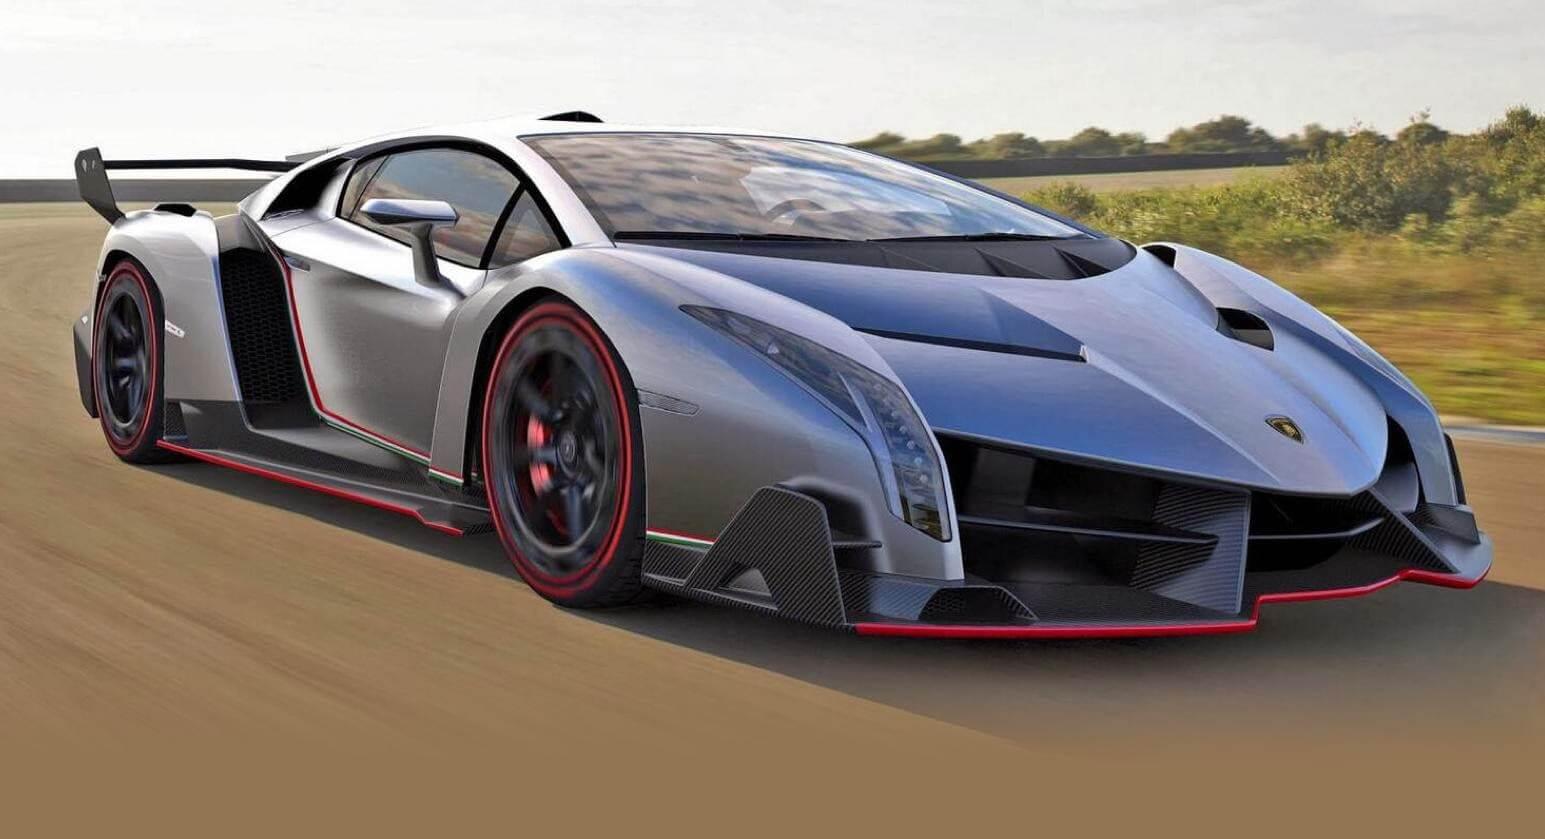 Most Expensive Cars >> Top 15 Most Expensive Cars In The World For 2018 Live Enhanced